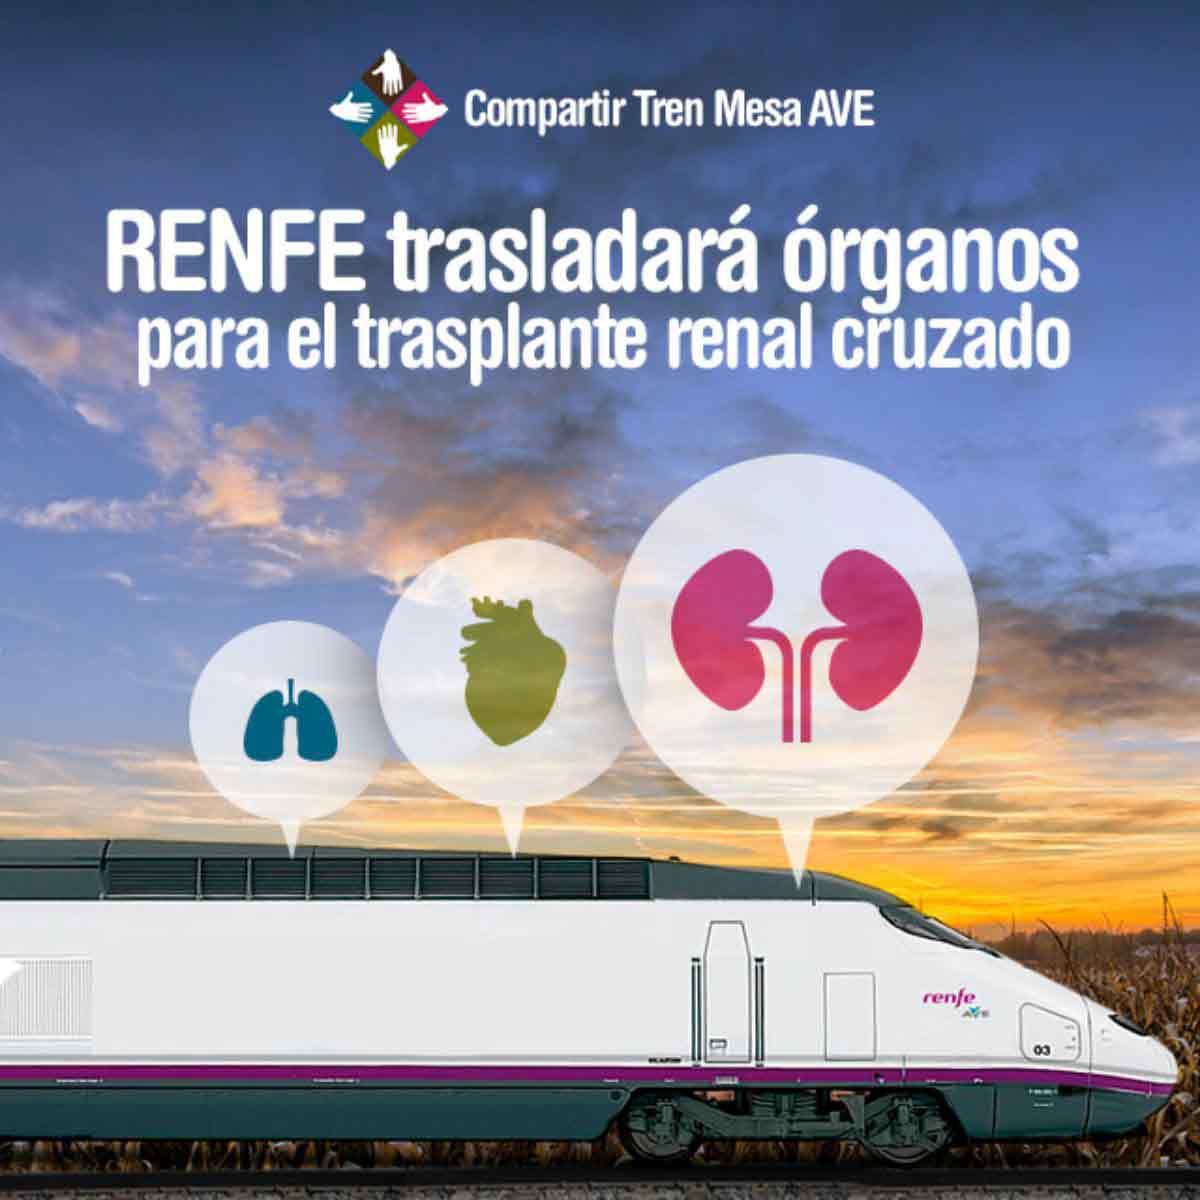 Los AVE trasladarán órganos para el trasplante renal cruzado